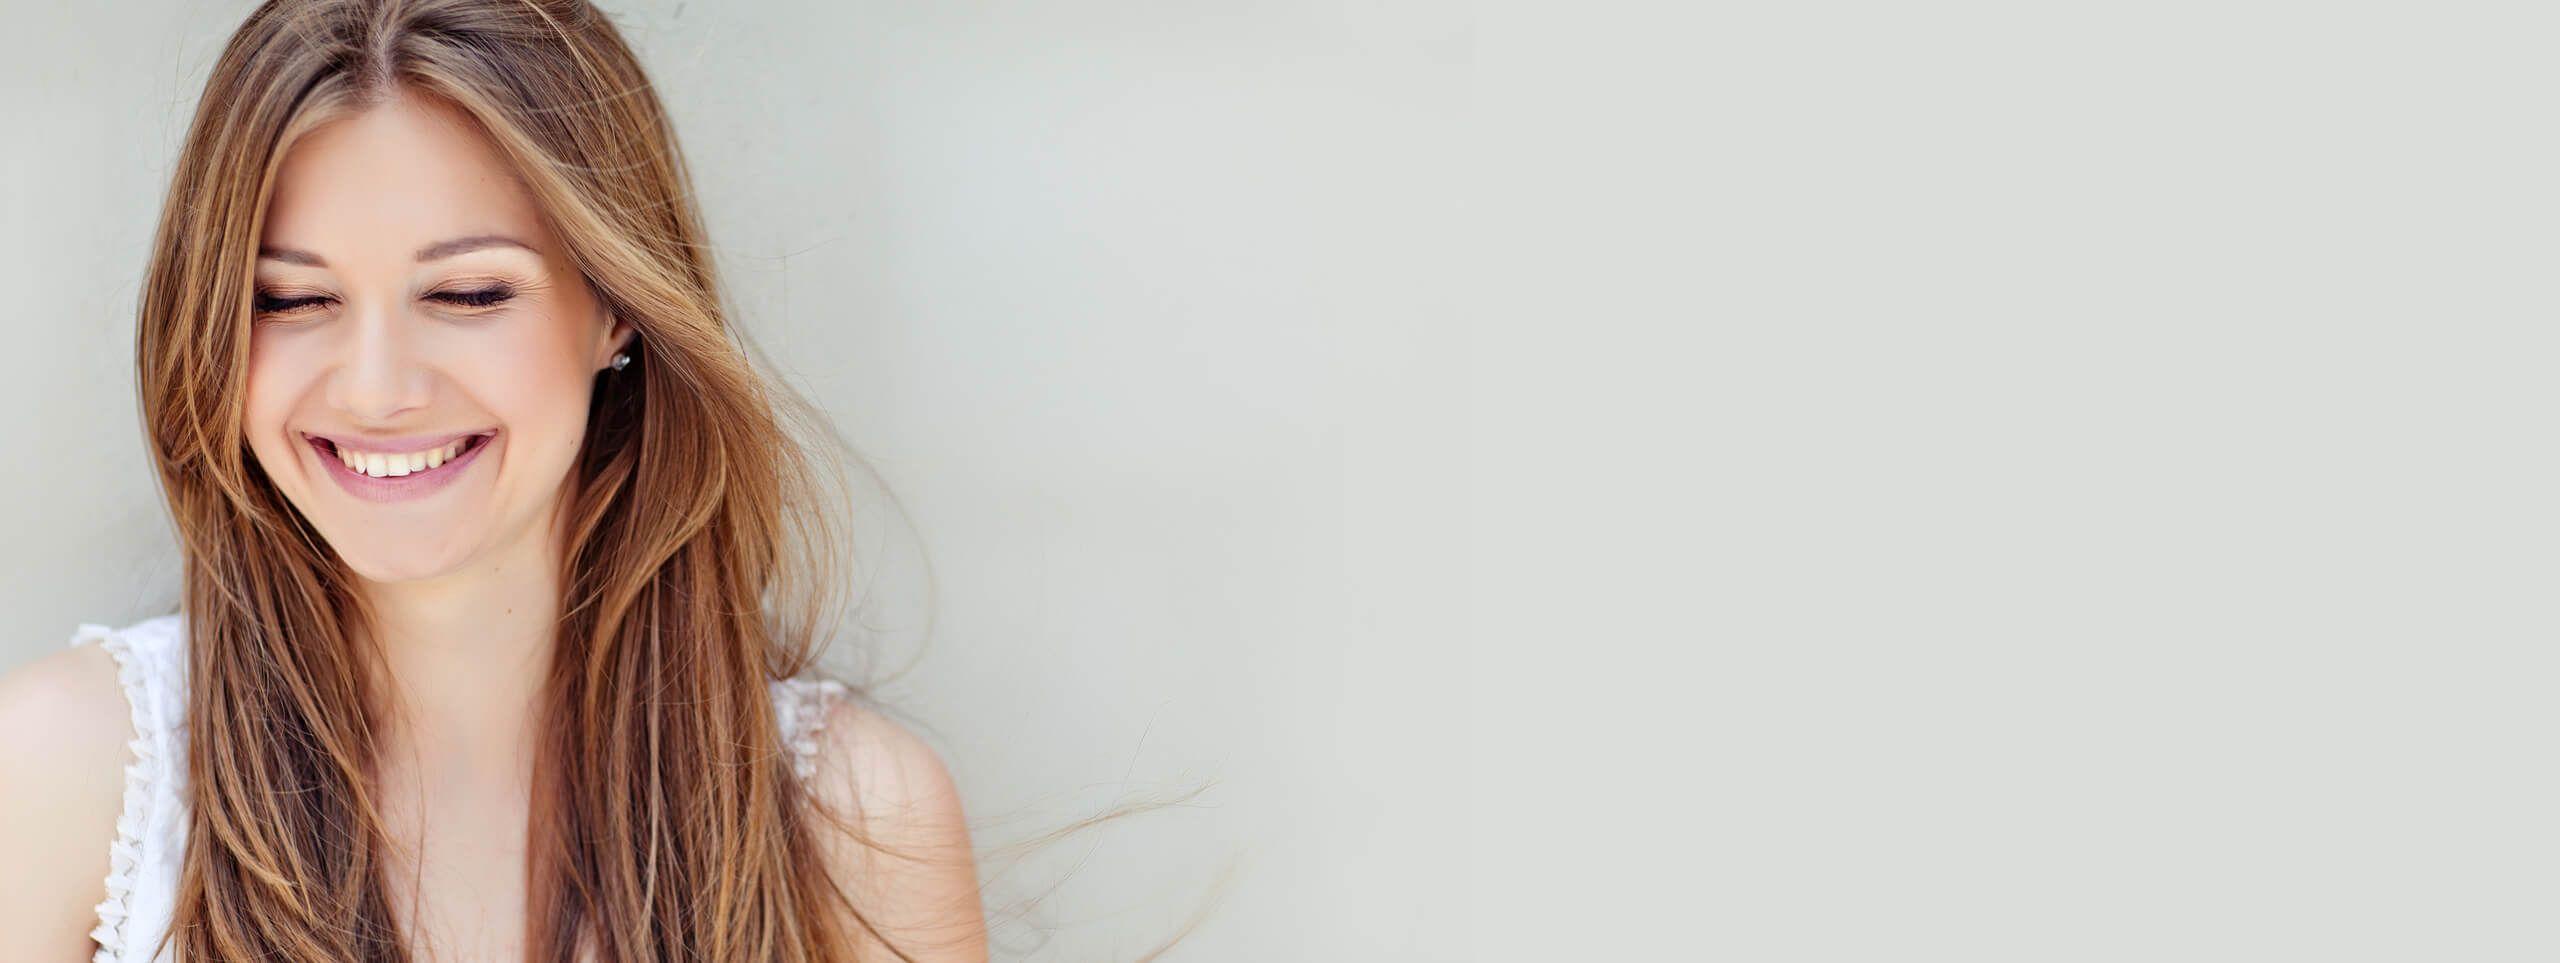 Radosna kobieta z brązowymi długimi włosami